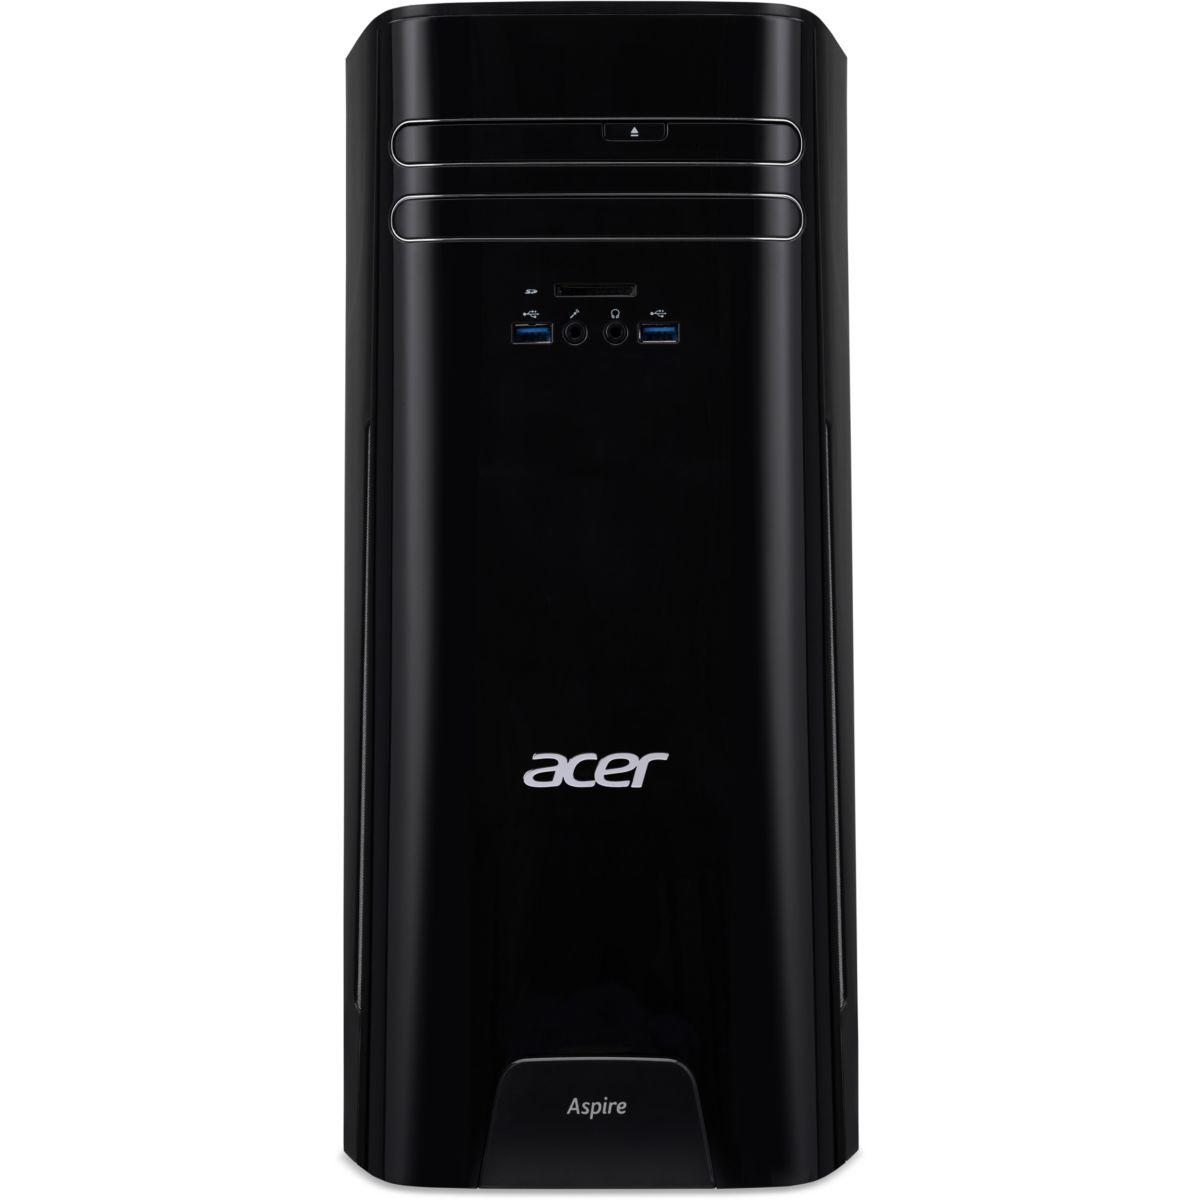 Ordi ACER Aspire TC-780-